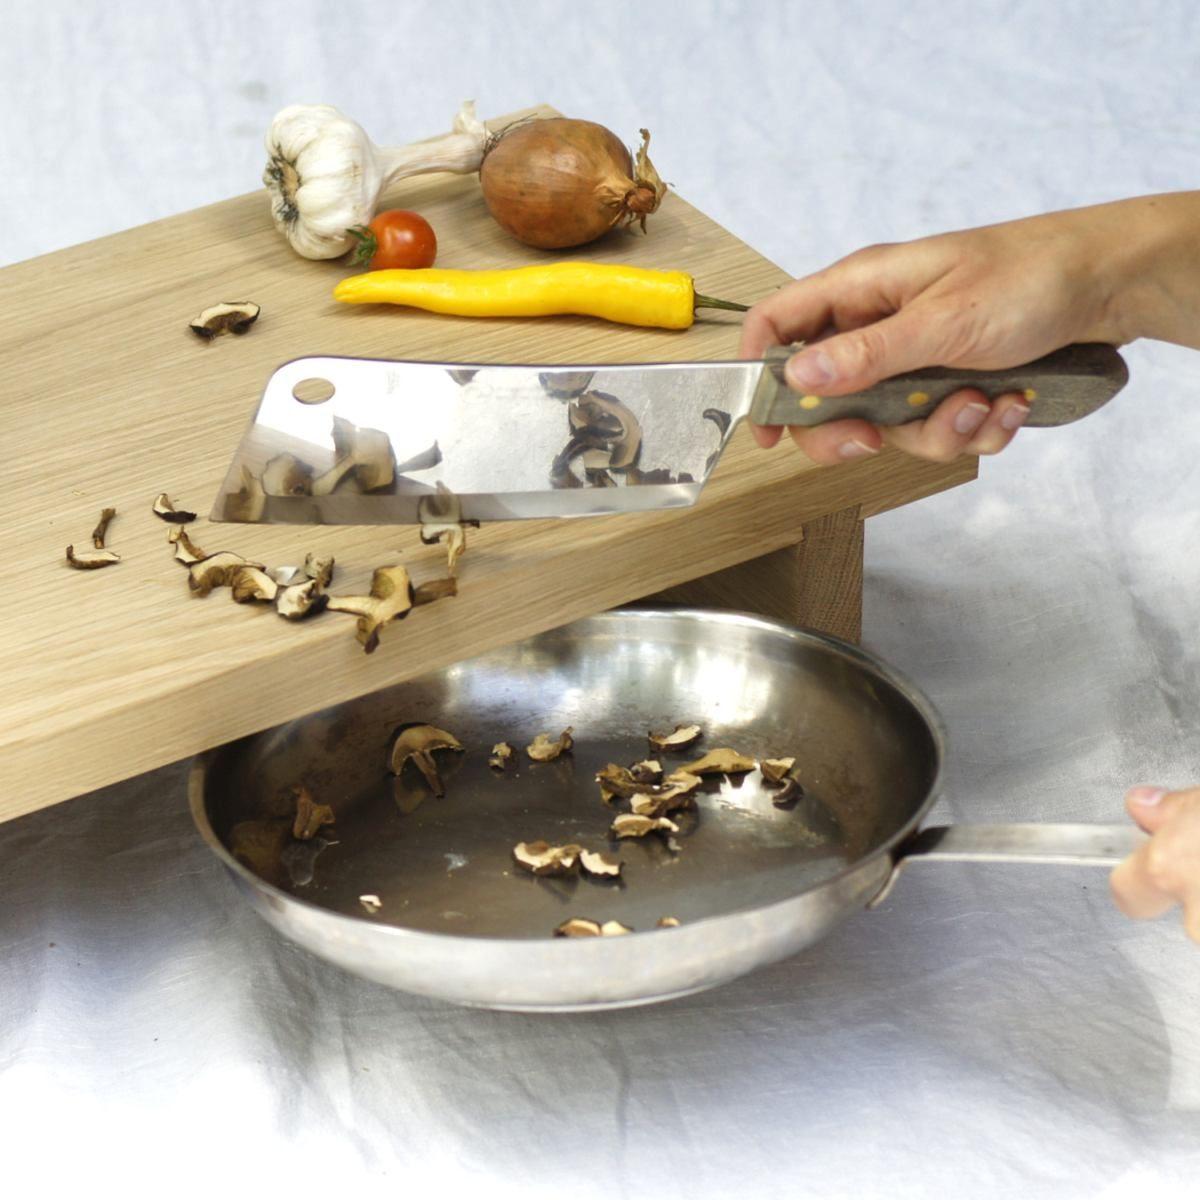 Holz Schneidebrett »Clara« aus Eiche. Leichte Zubereitung, einfaches unterstellen von Pfannen und Töpfen möglich.